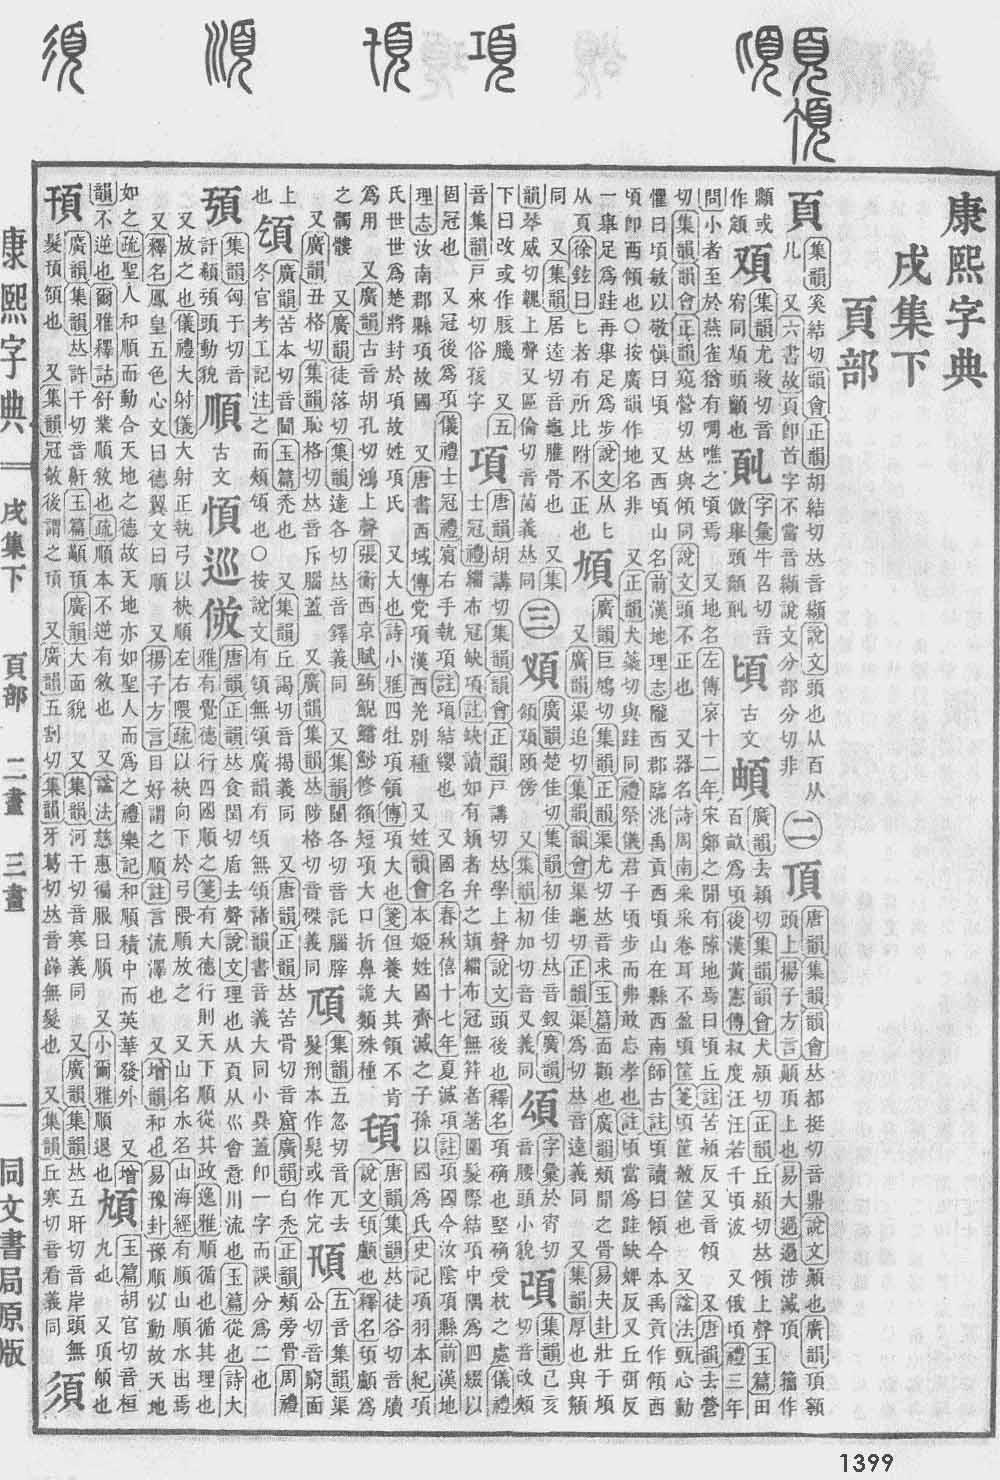 《康熙字典》第1399页